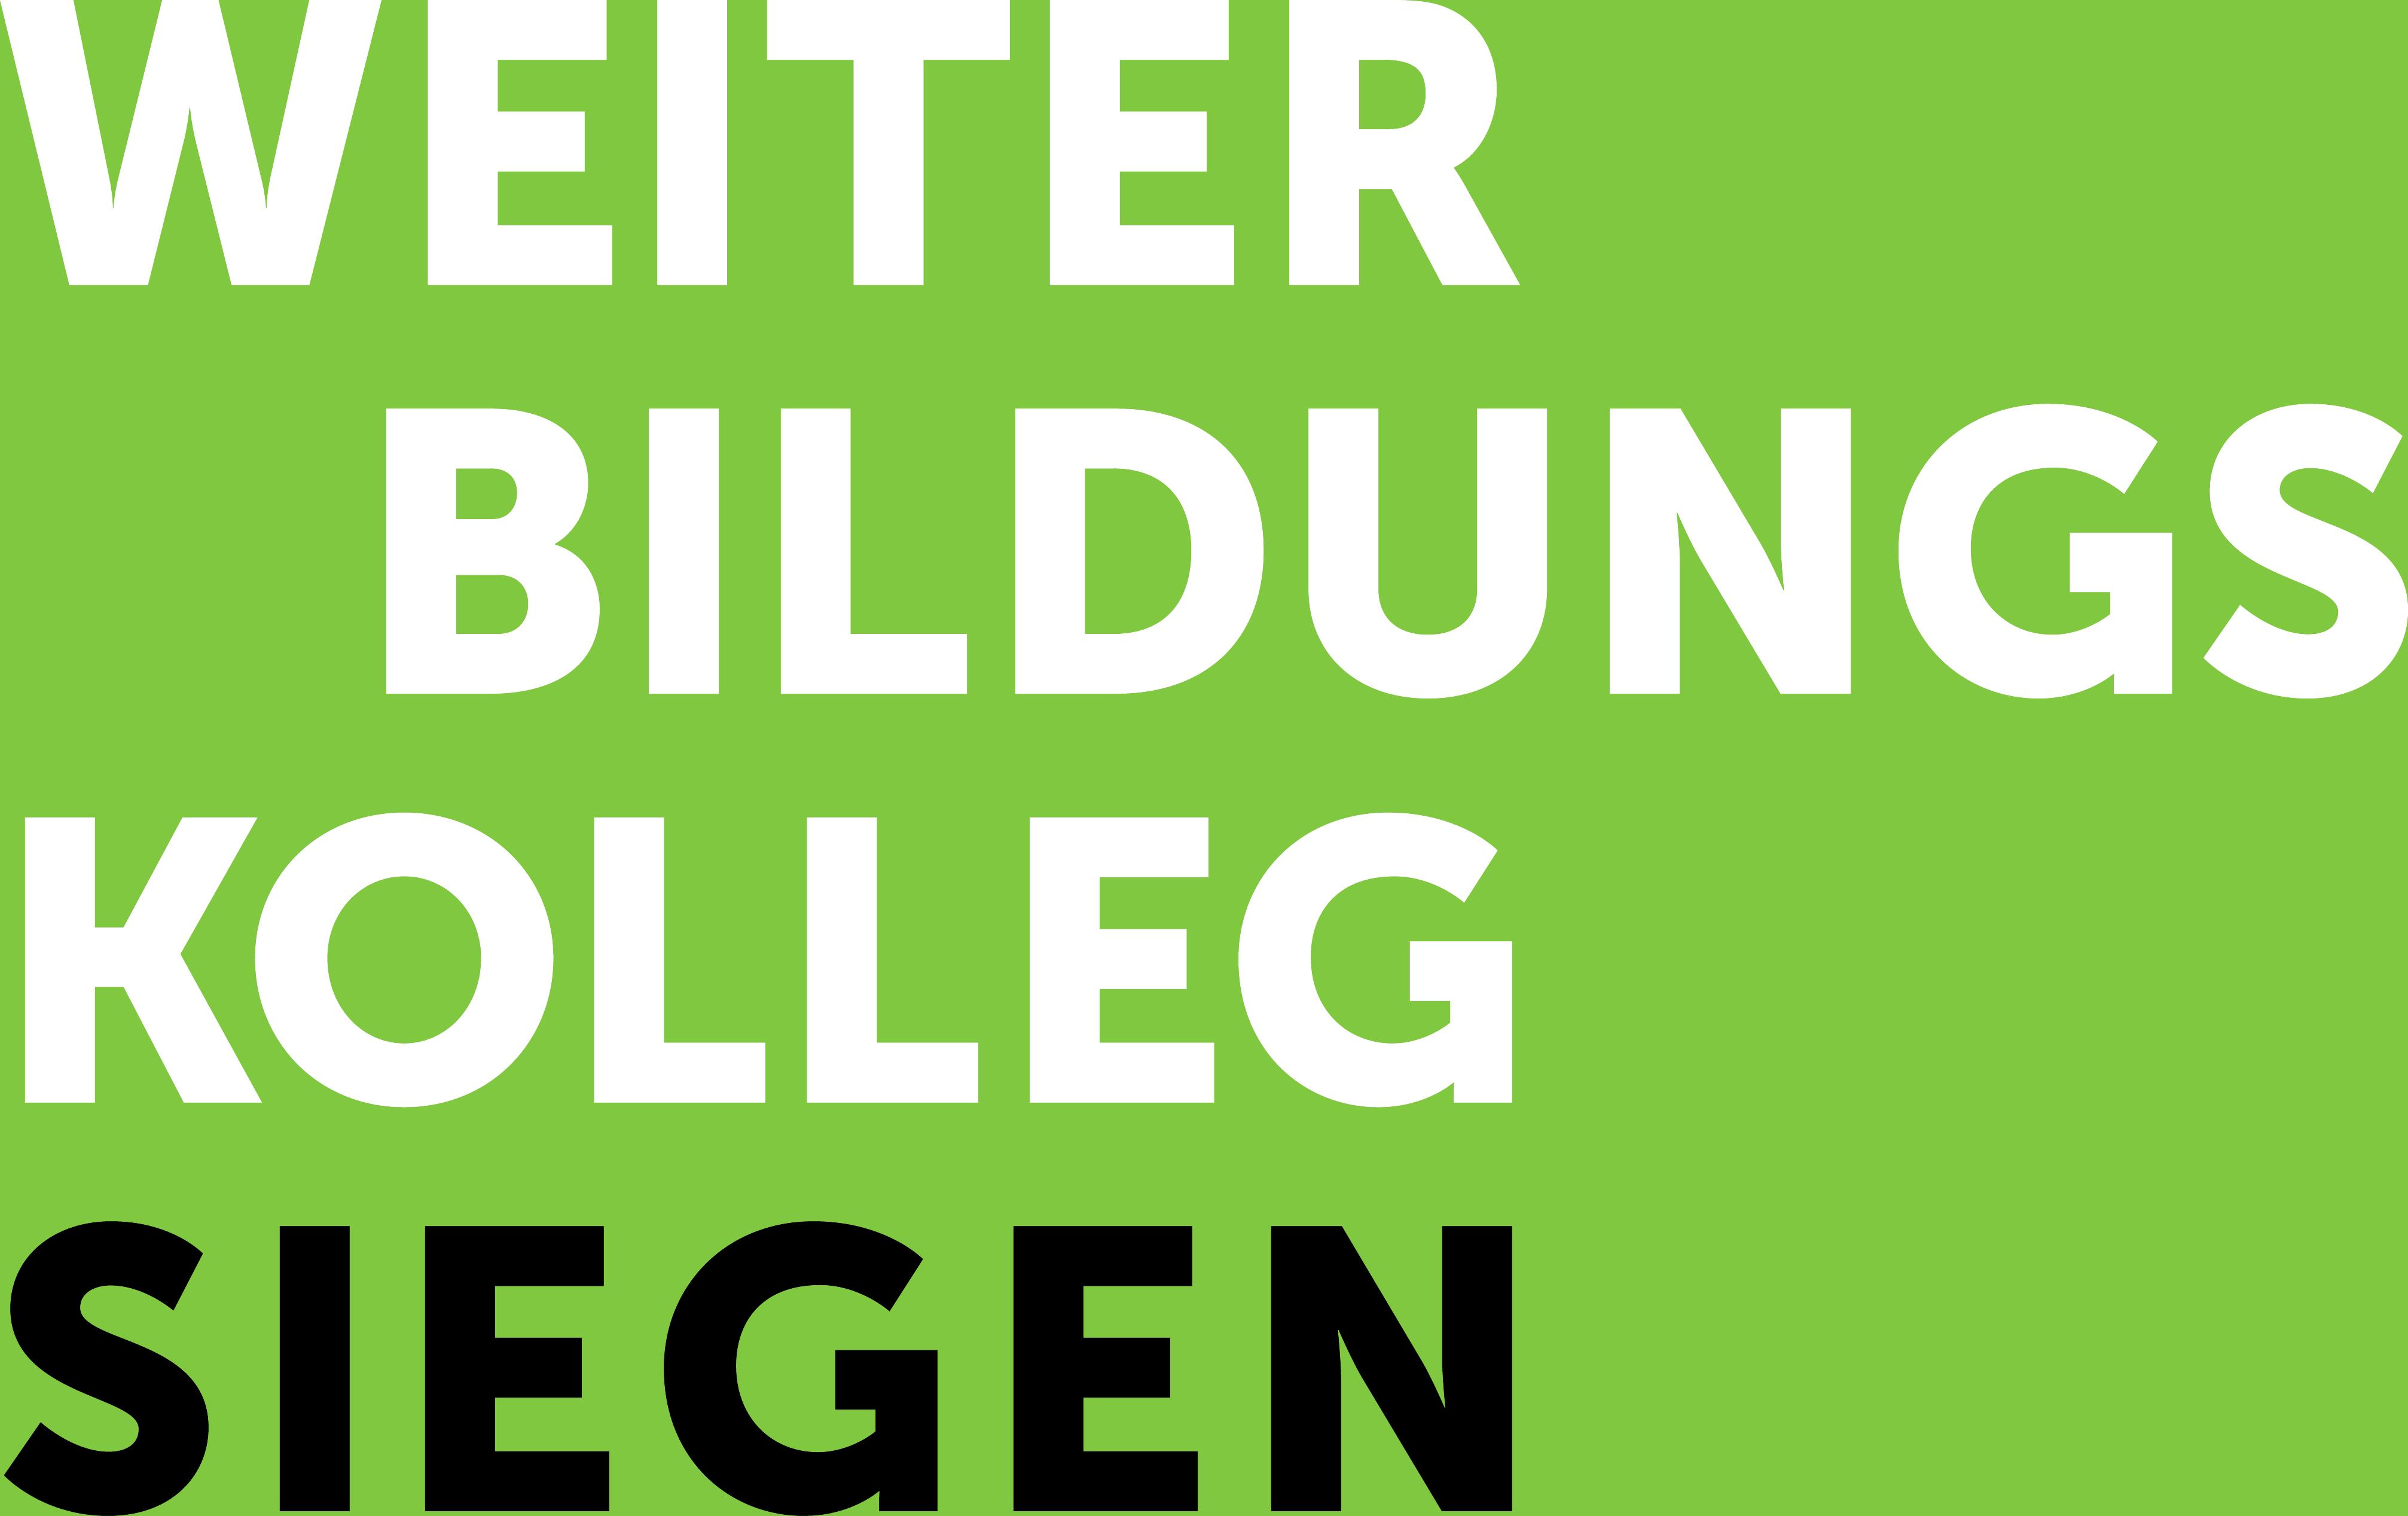 Weiterbildungskolleg Siegen (WBK Siegen)